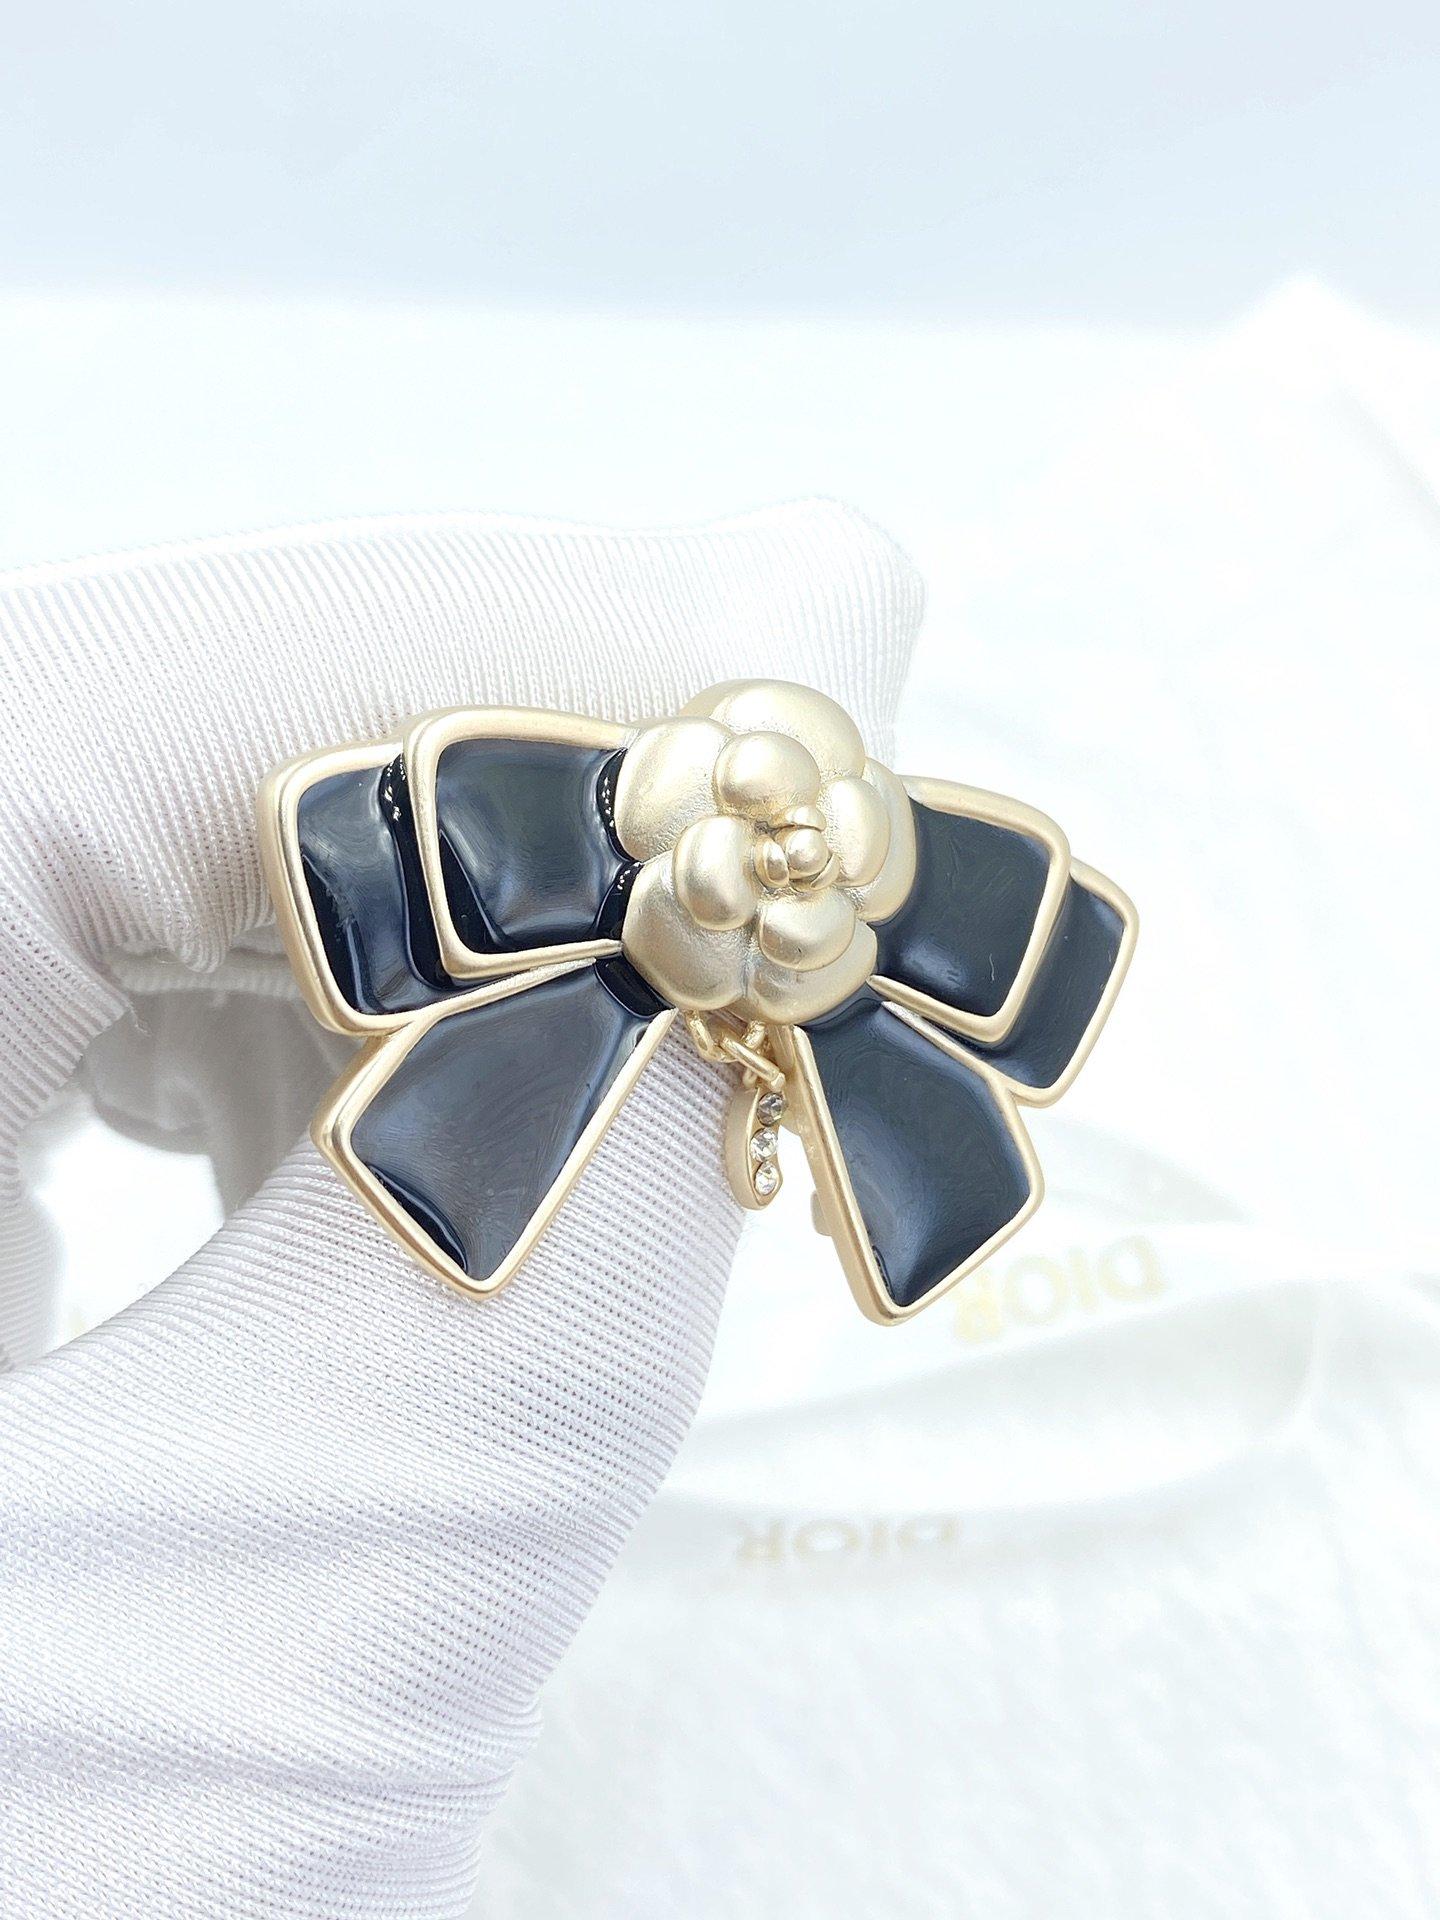 CHANEL小香黑色蝴蝶结胸针高端品